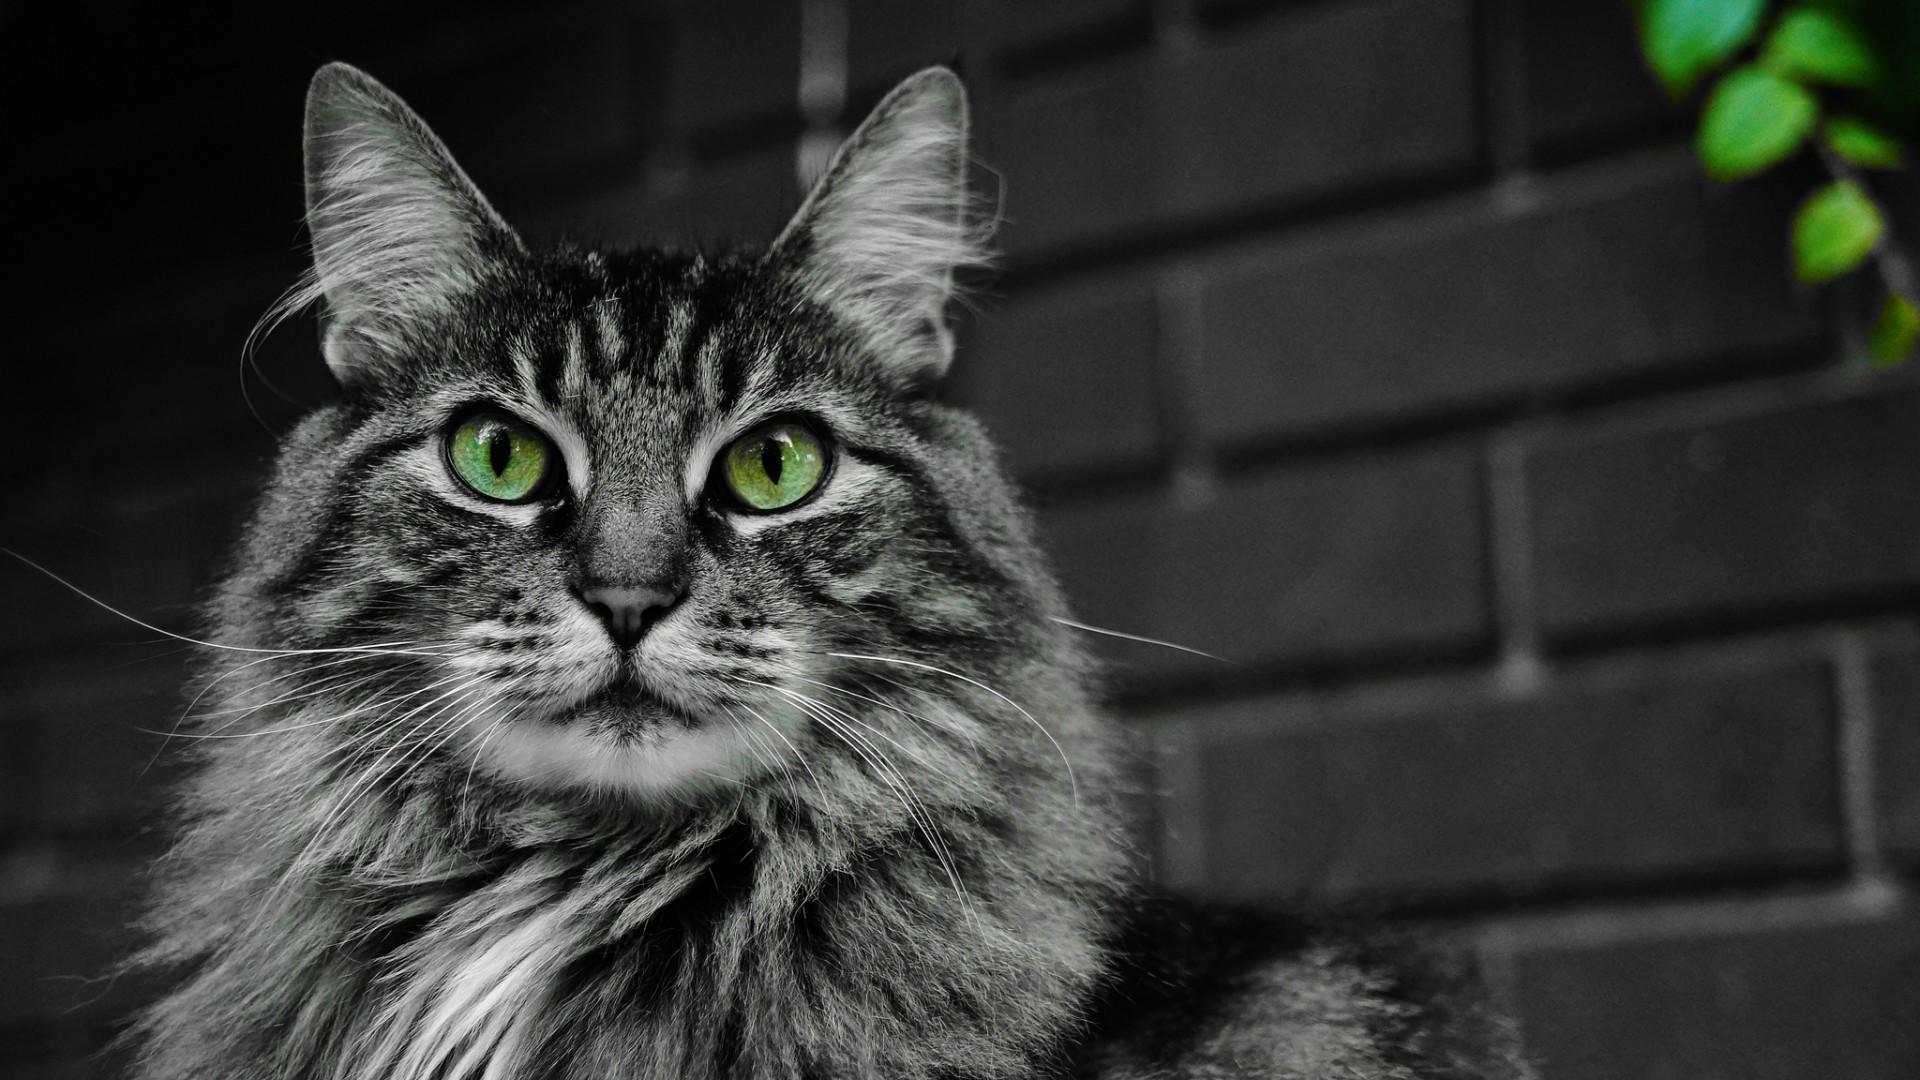 хитрый котенок в хорошем качестве